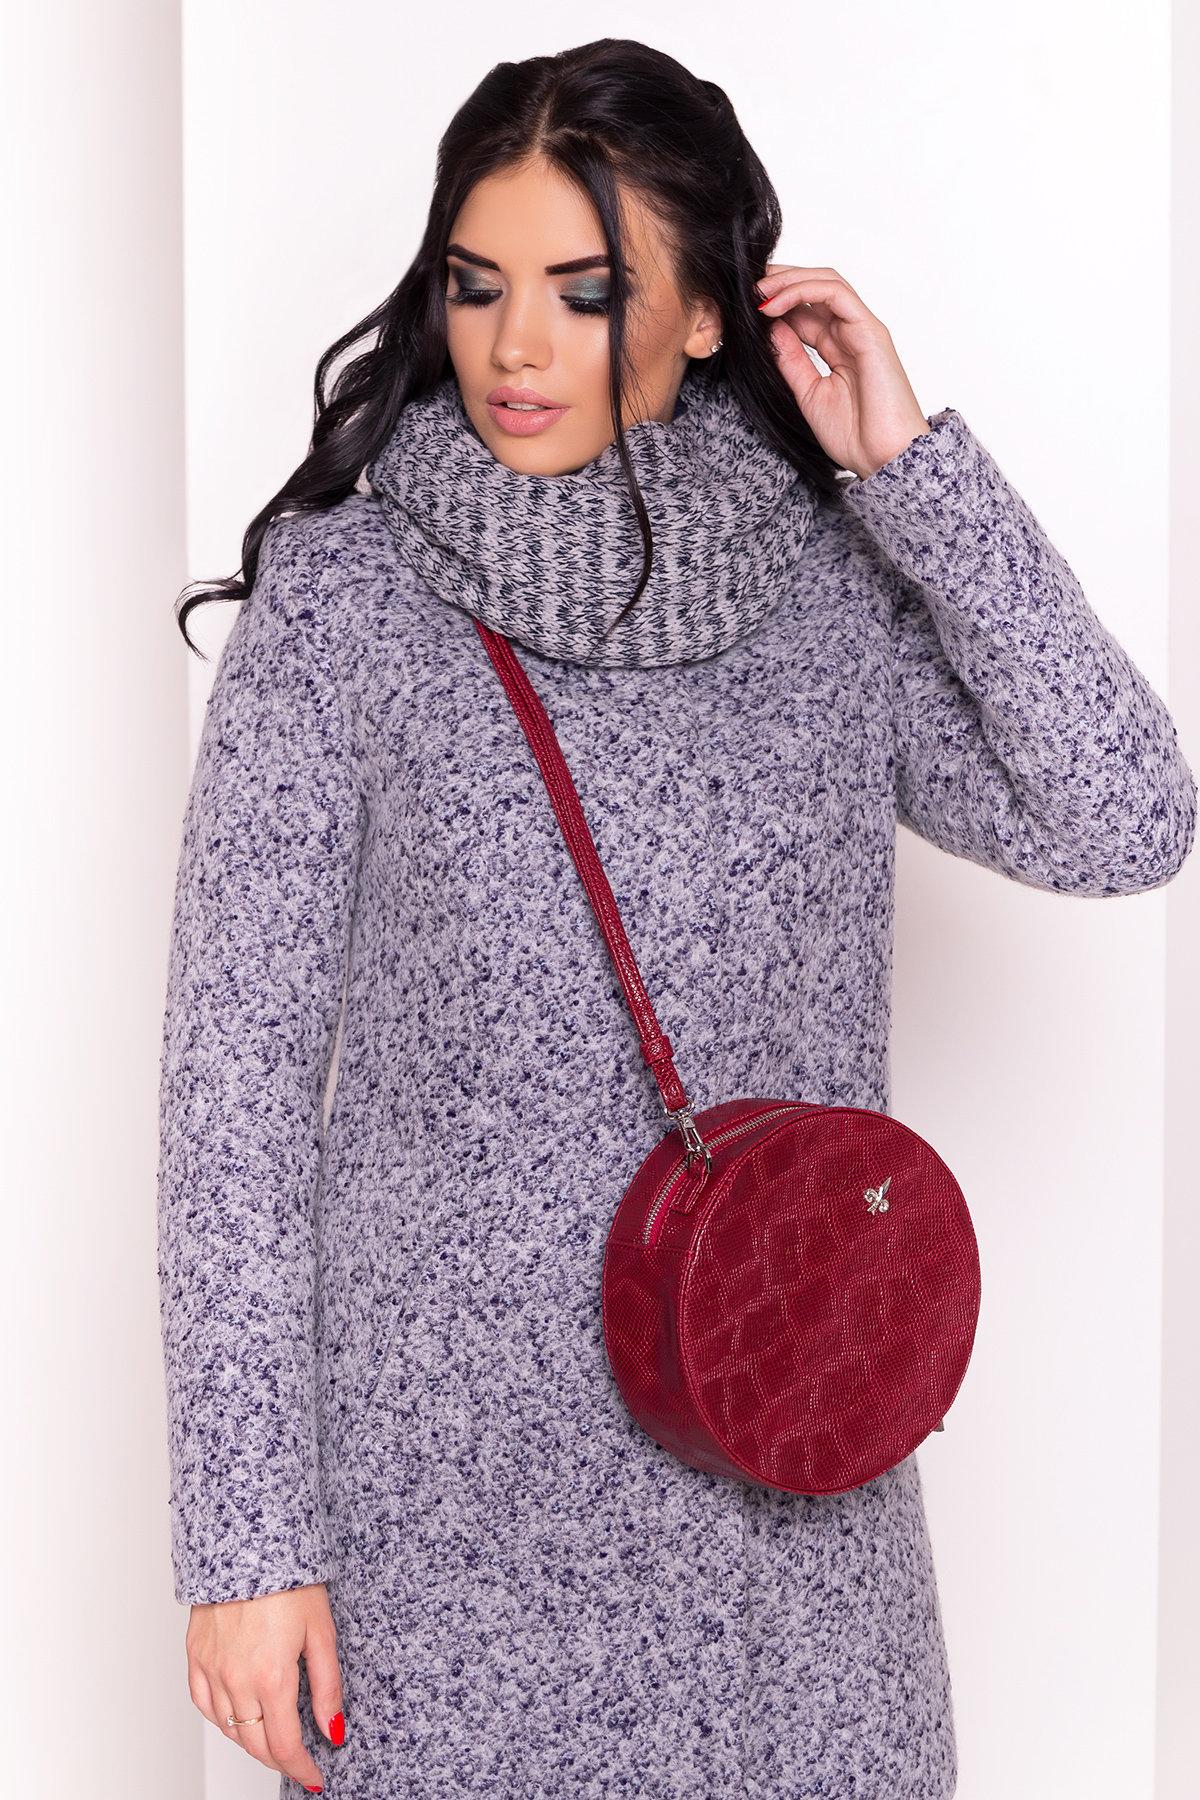 Пальто зима Фортуна 0574 АРТ. 19145 Цвет: Серый/голубой - фото 4, интернет магазин tm-modus.ru